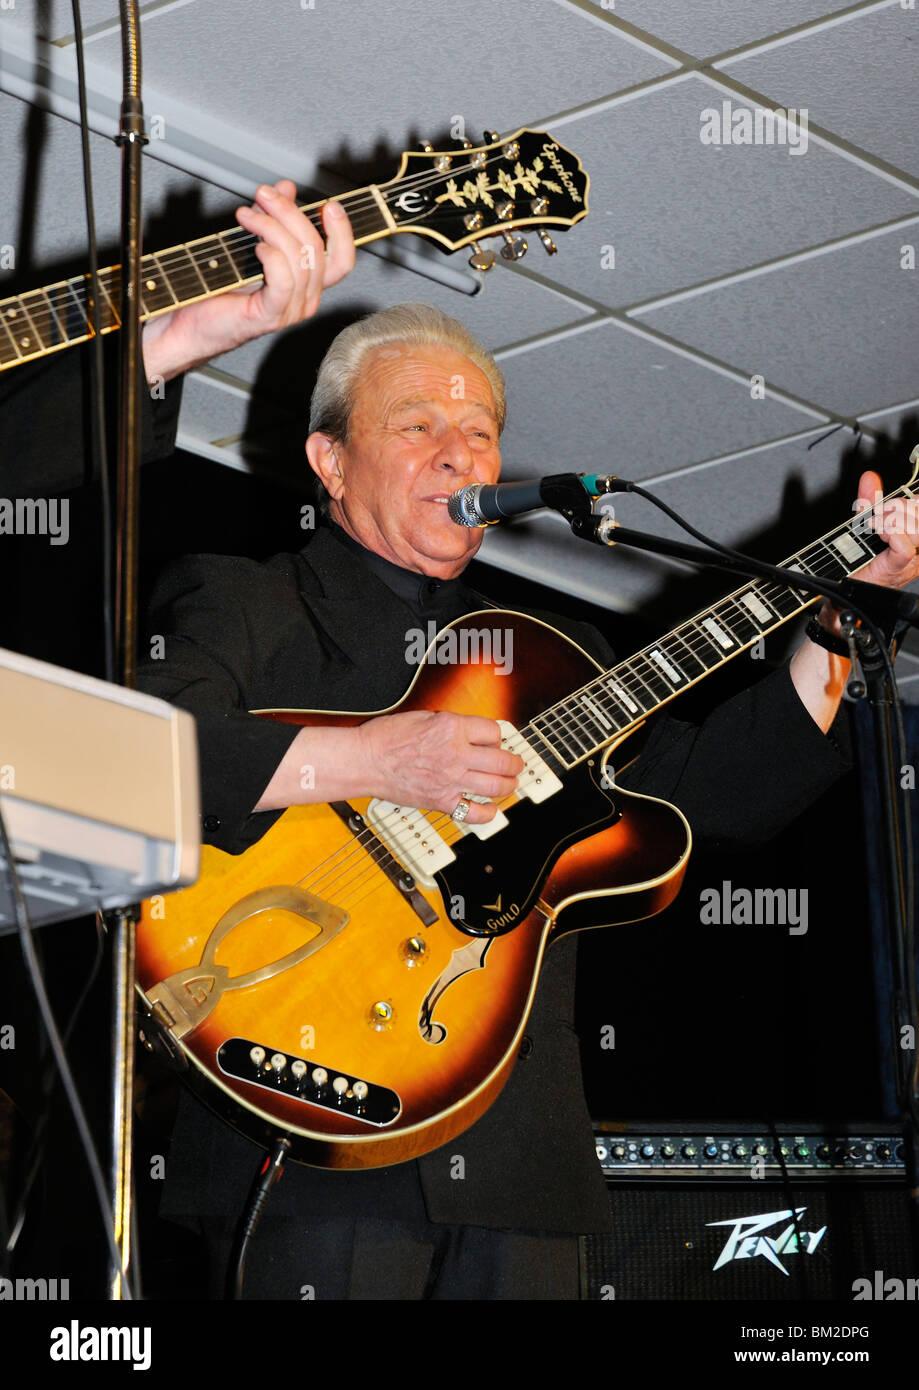 Charlie Gracie at The BAWA club, Bristol 25/04/2010 - Stock Image